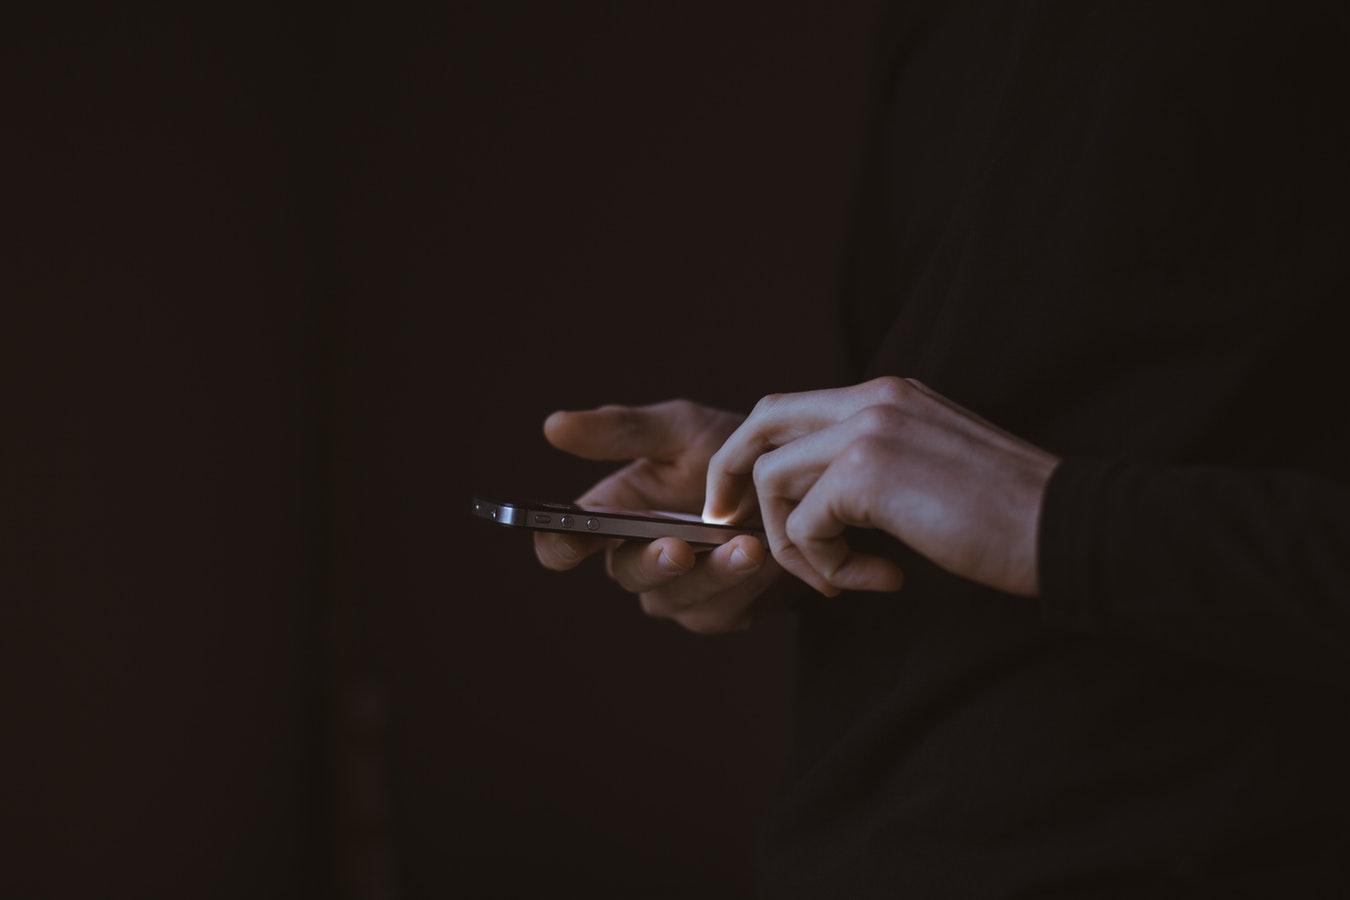 Comment bien écrire les textos pour séduire une femme?